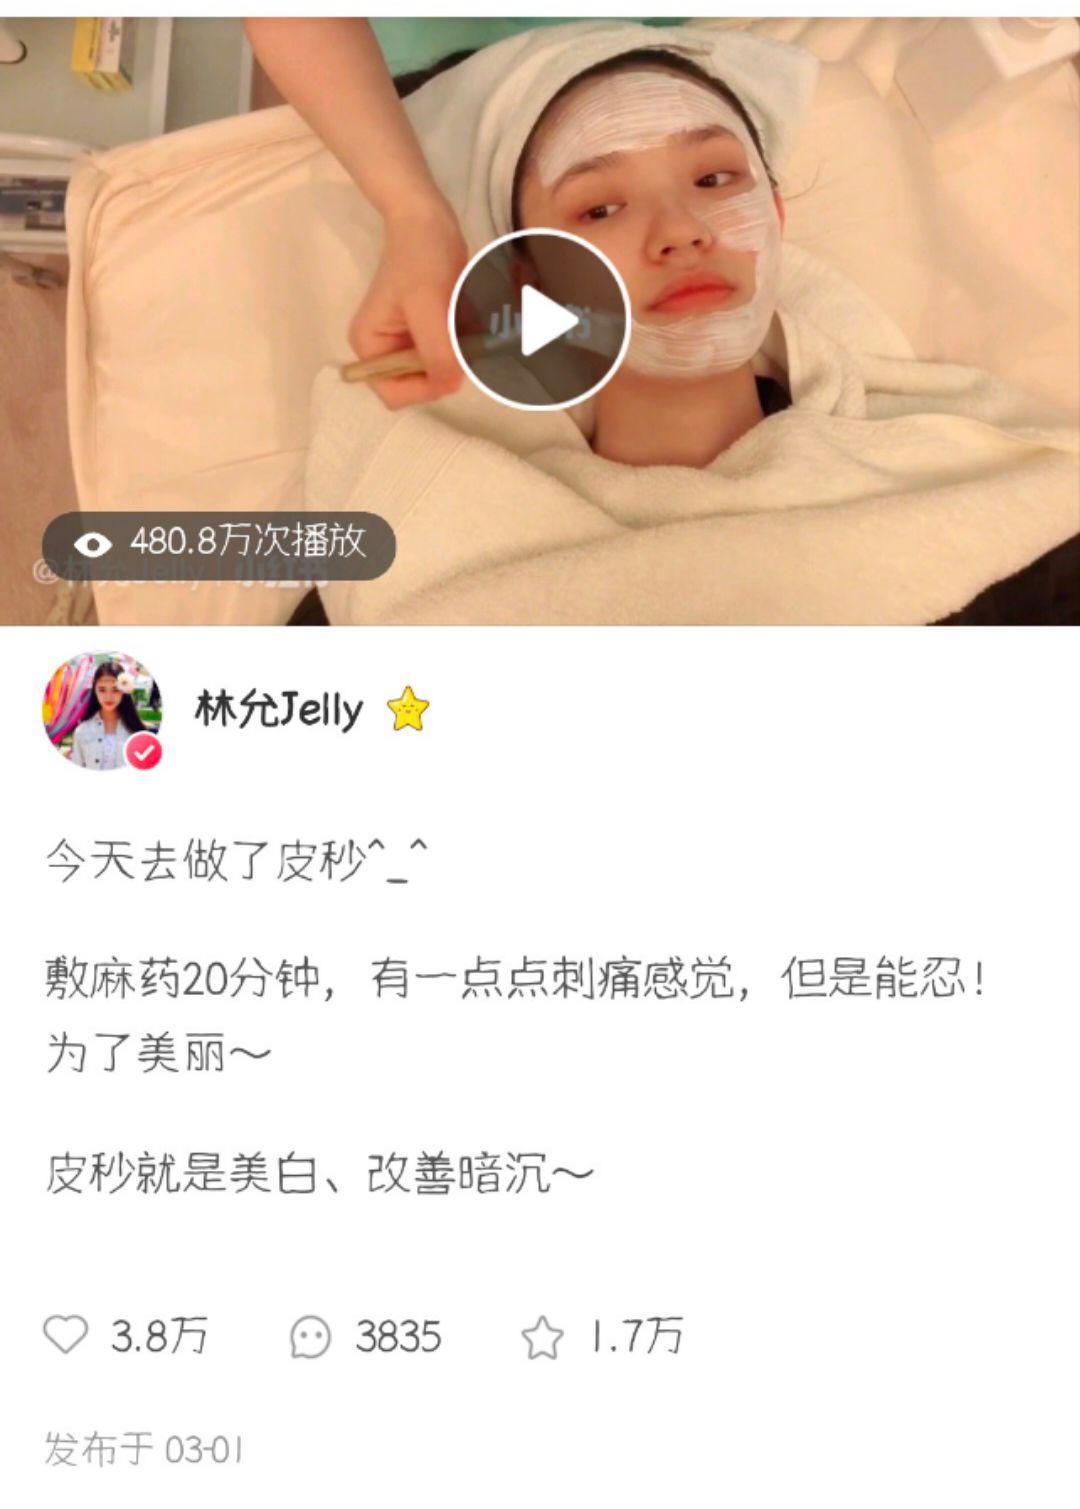 激光?皮秒?看明星花式防晒… chunji.cn